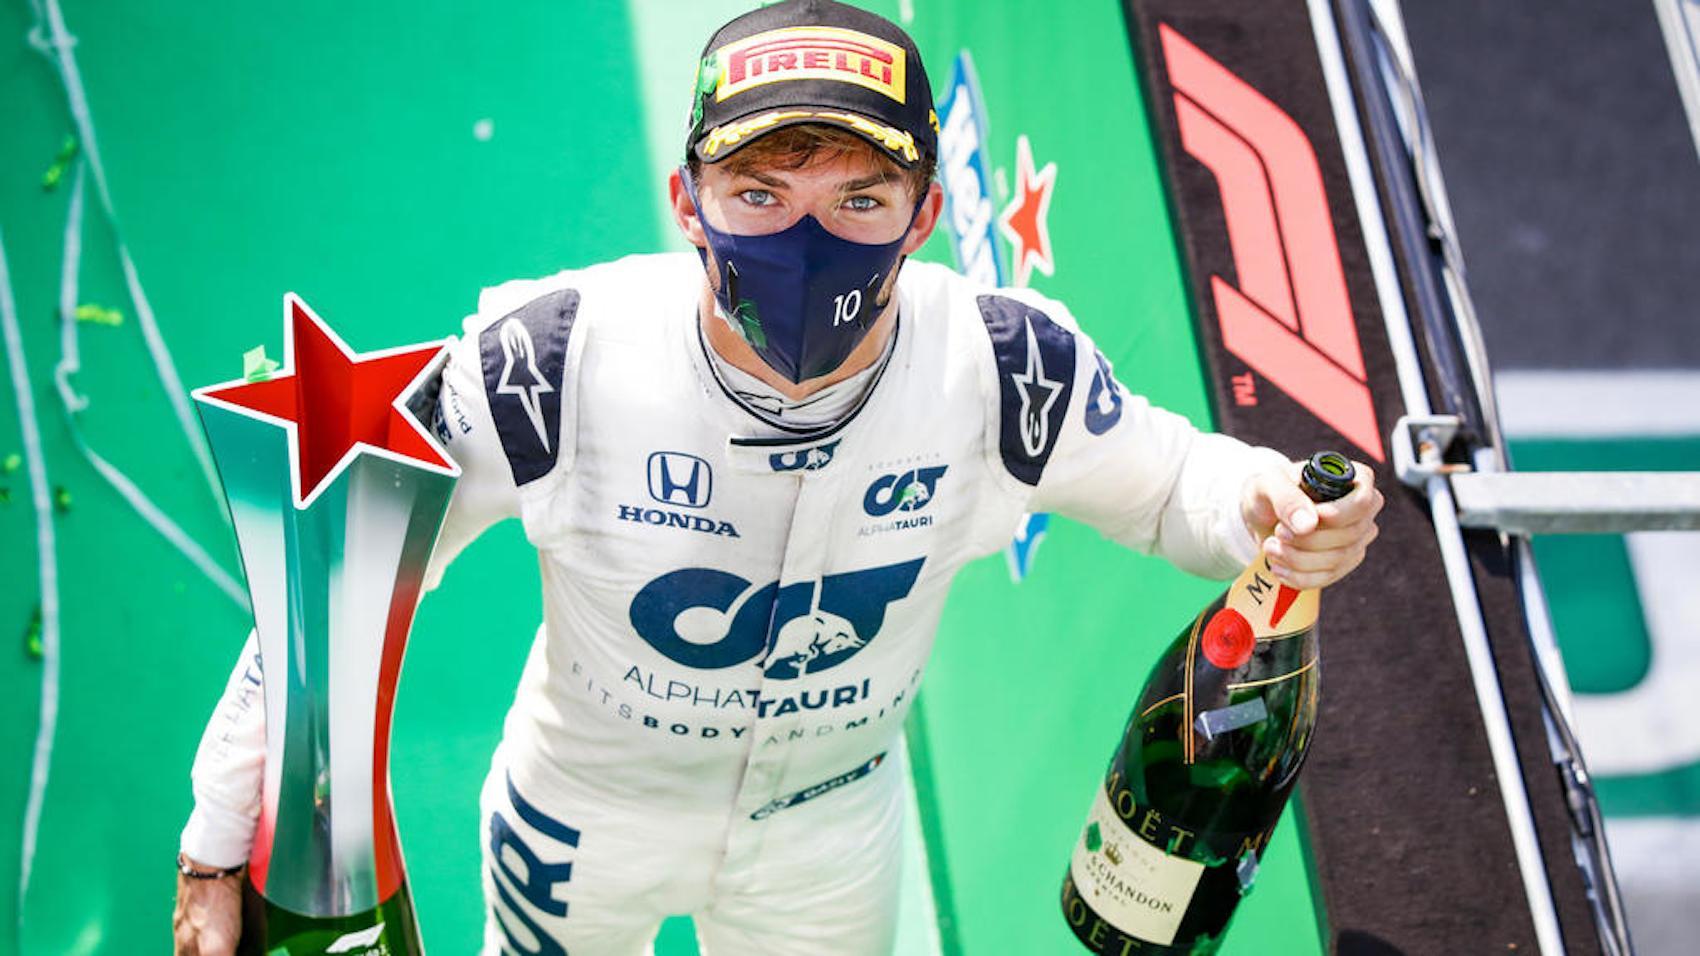 Comment suivre la Formule 1 en 2021 à la TV ?